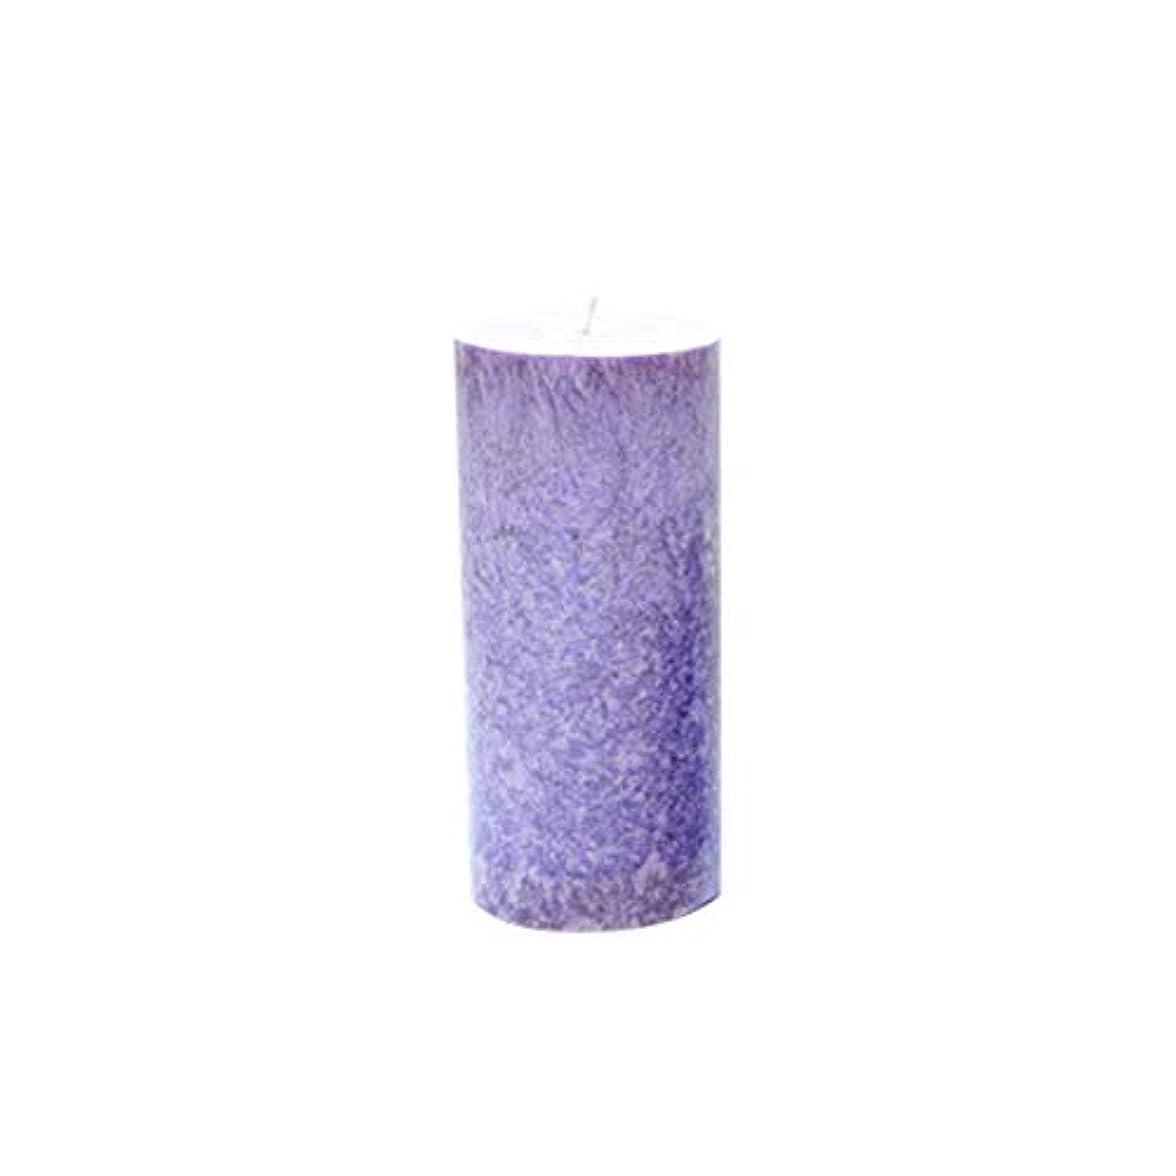 ペニー発言するバックグラウンドRakuby 香料入り 蝋燭 ロマンチック 紫色 ラベンダー アロマ療法 柱 蝋燭 祝祭 結婚祝い 無煙蝋燭